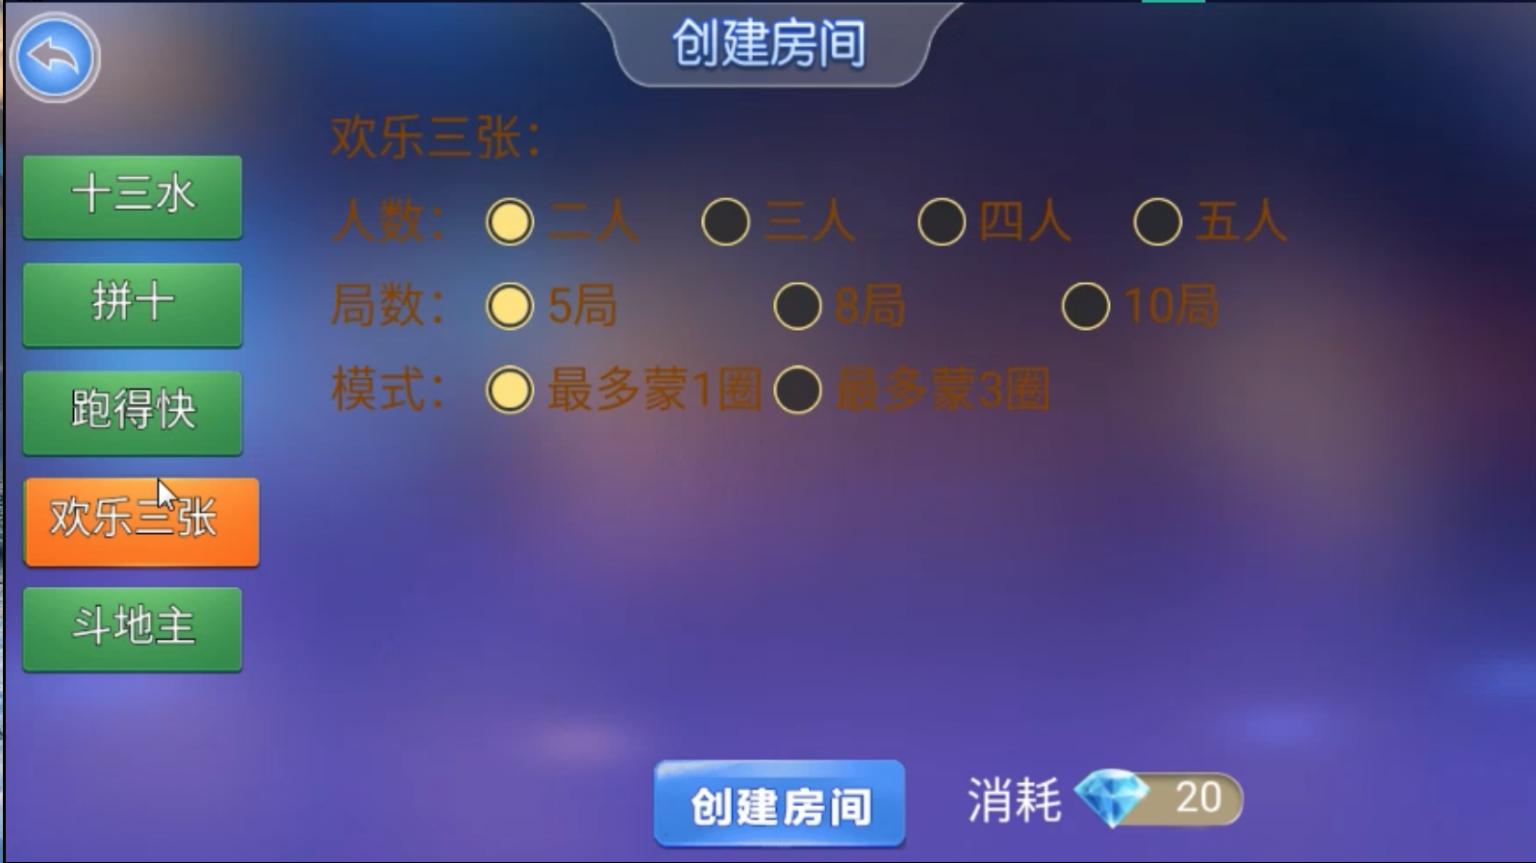 最新更新513棋牌/完整双端/带机器人 带机器人 完整双端 513棋牌 房卡约战类 第3张